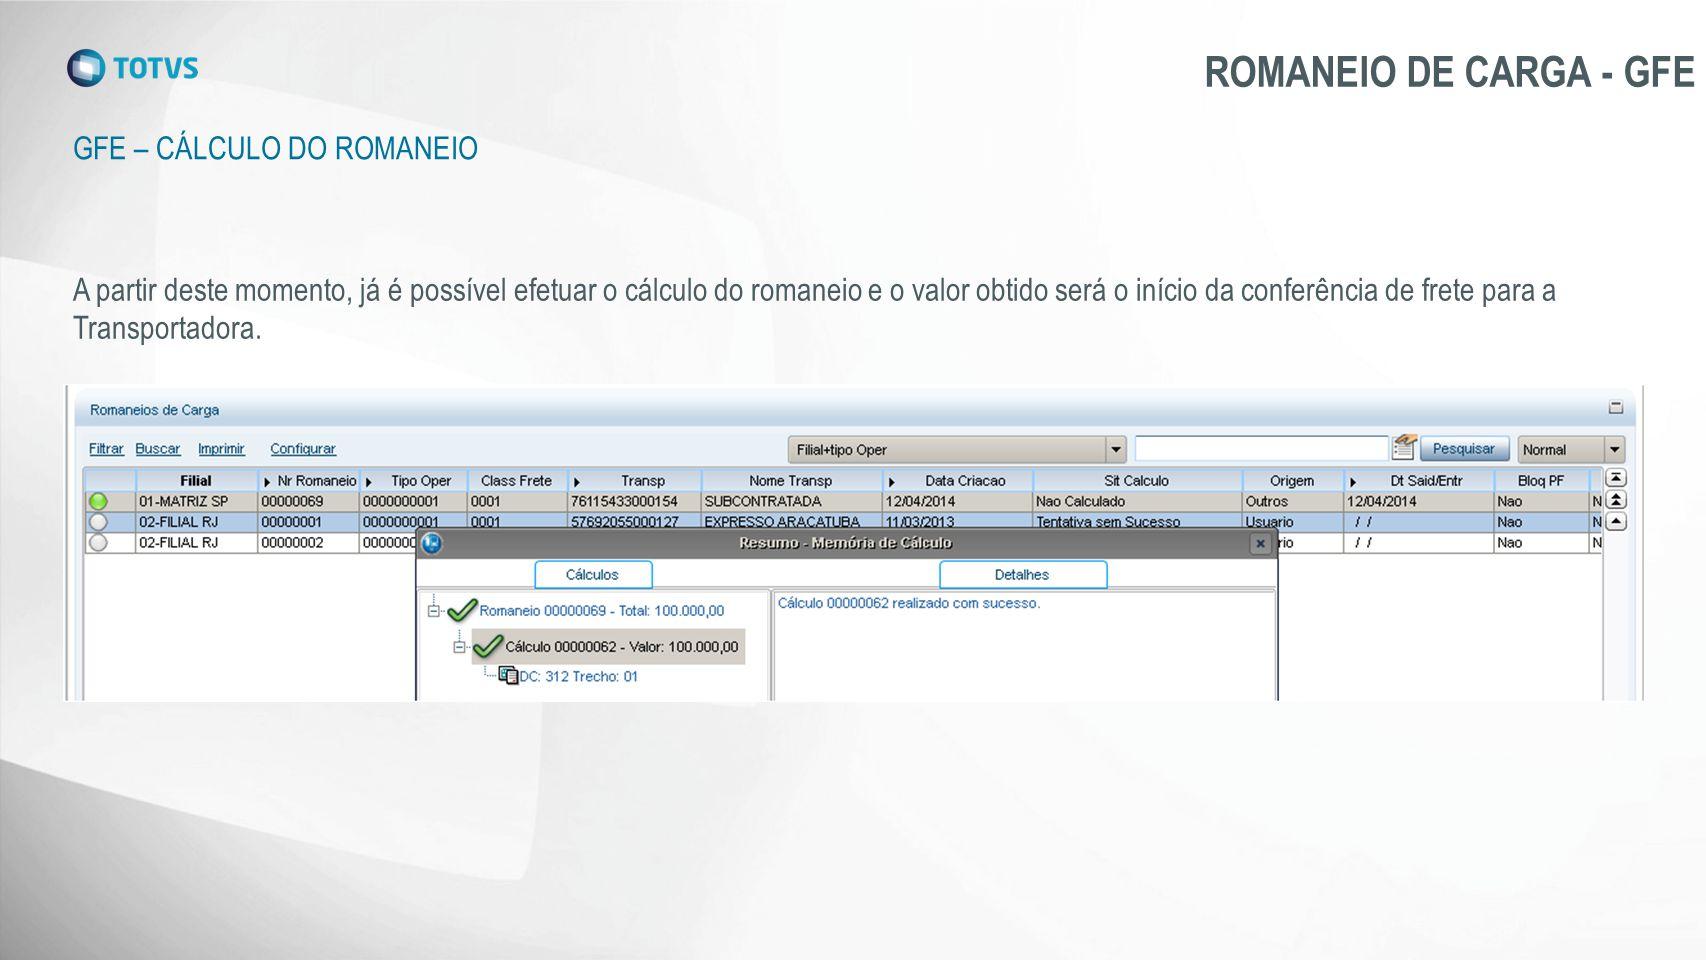 ROMANEIO DE CARGA - GFE Gfe – Cálculo do romaneio